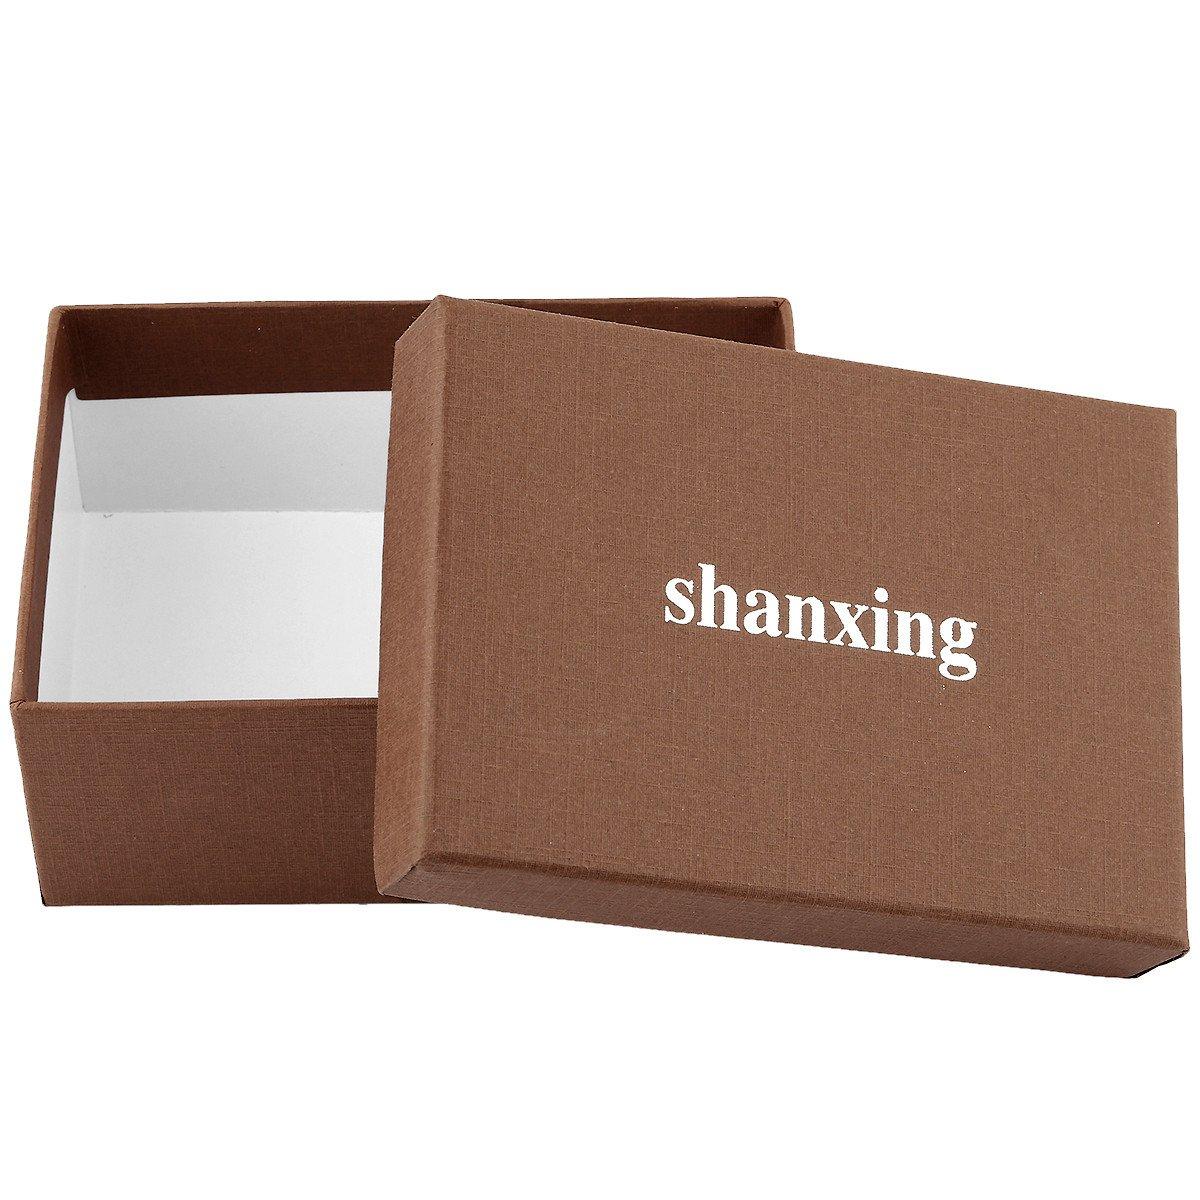 86f9432db4c Shanxing Ceinture en Tissu Toile Militaire Boucle Automatique Réglable pour  Femmes et Hommes  Amazon.fr  Vêtements et accessoires